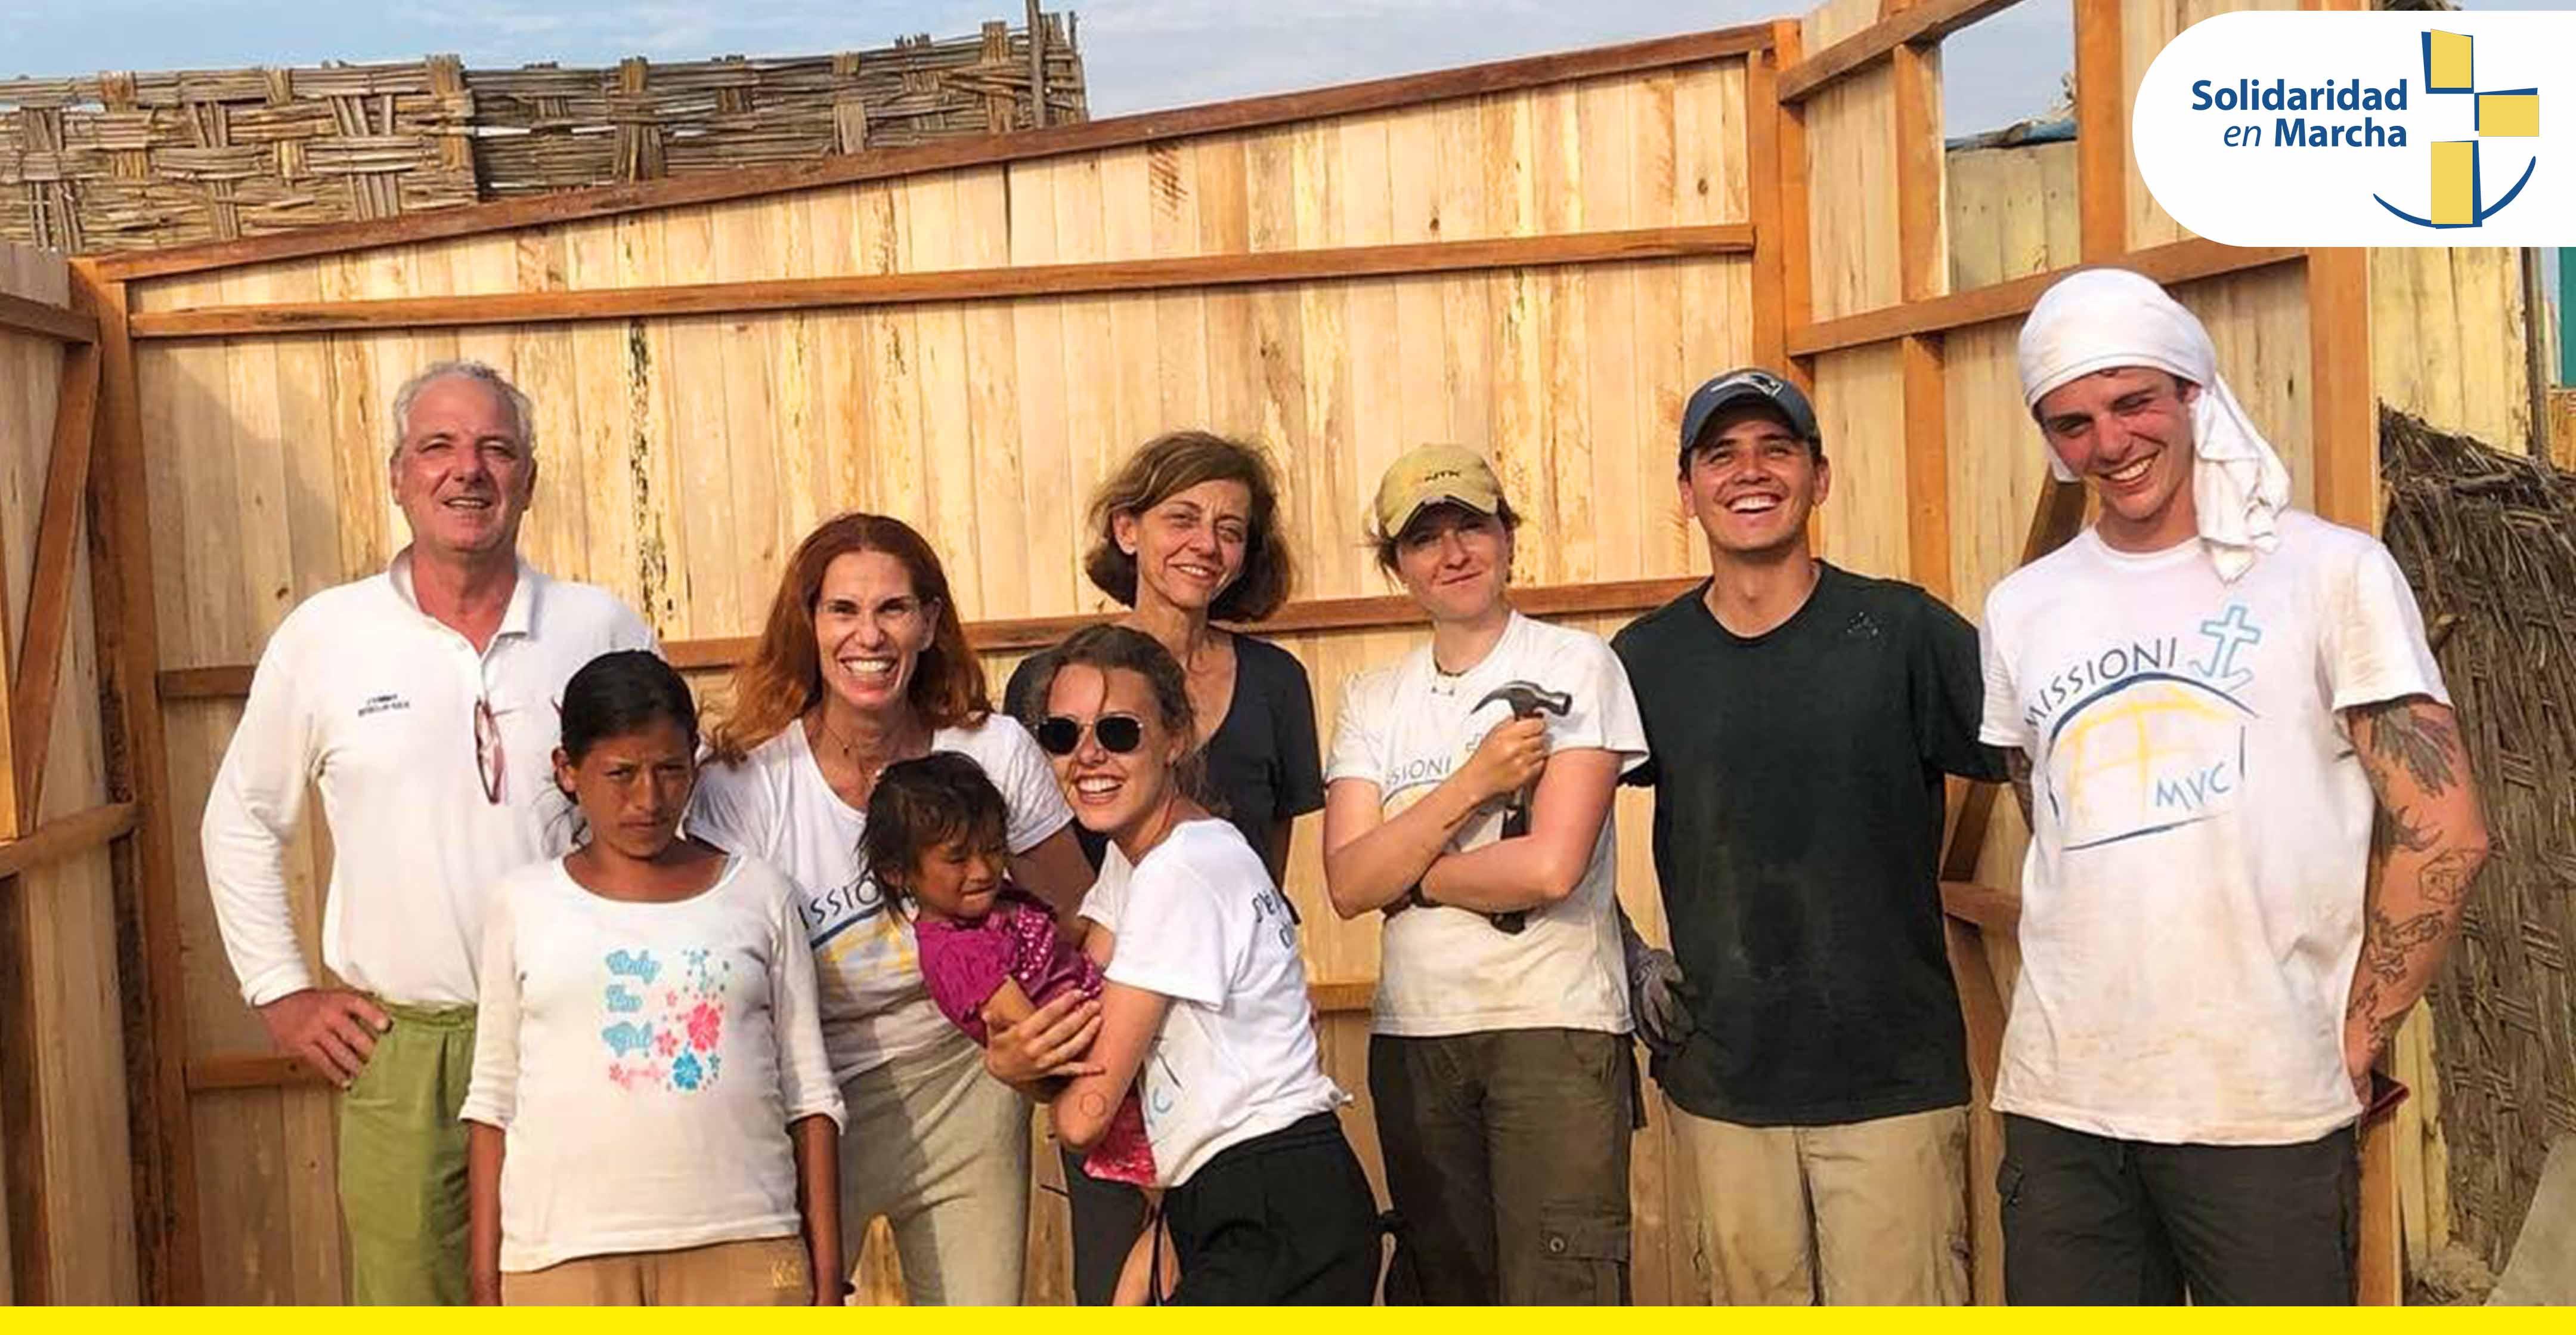 Voluntariado internacional construccion